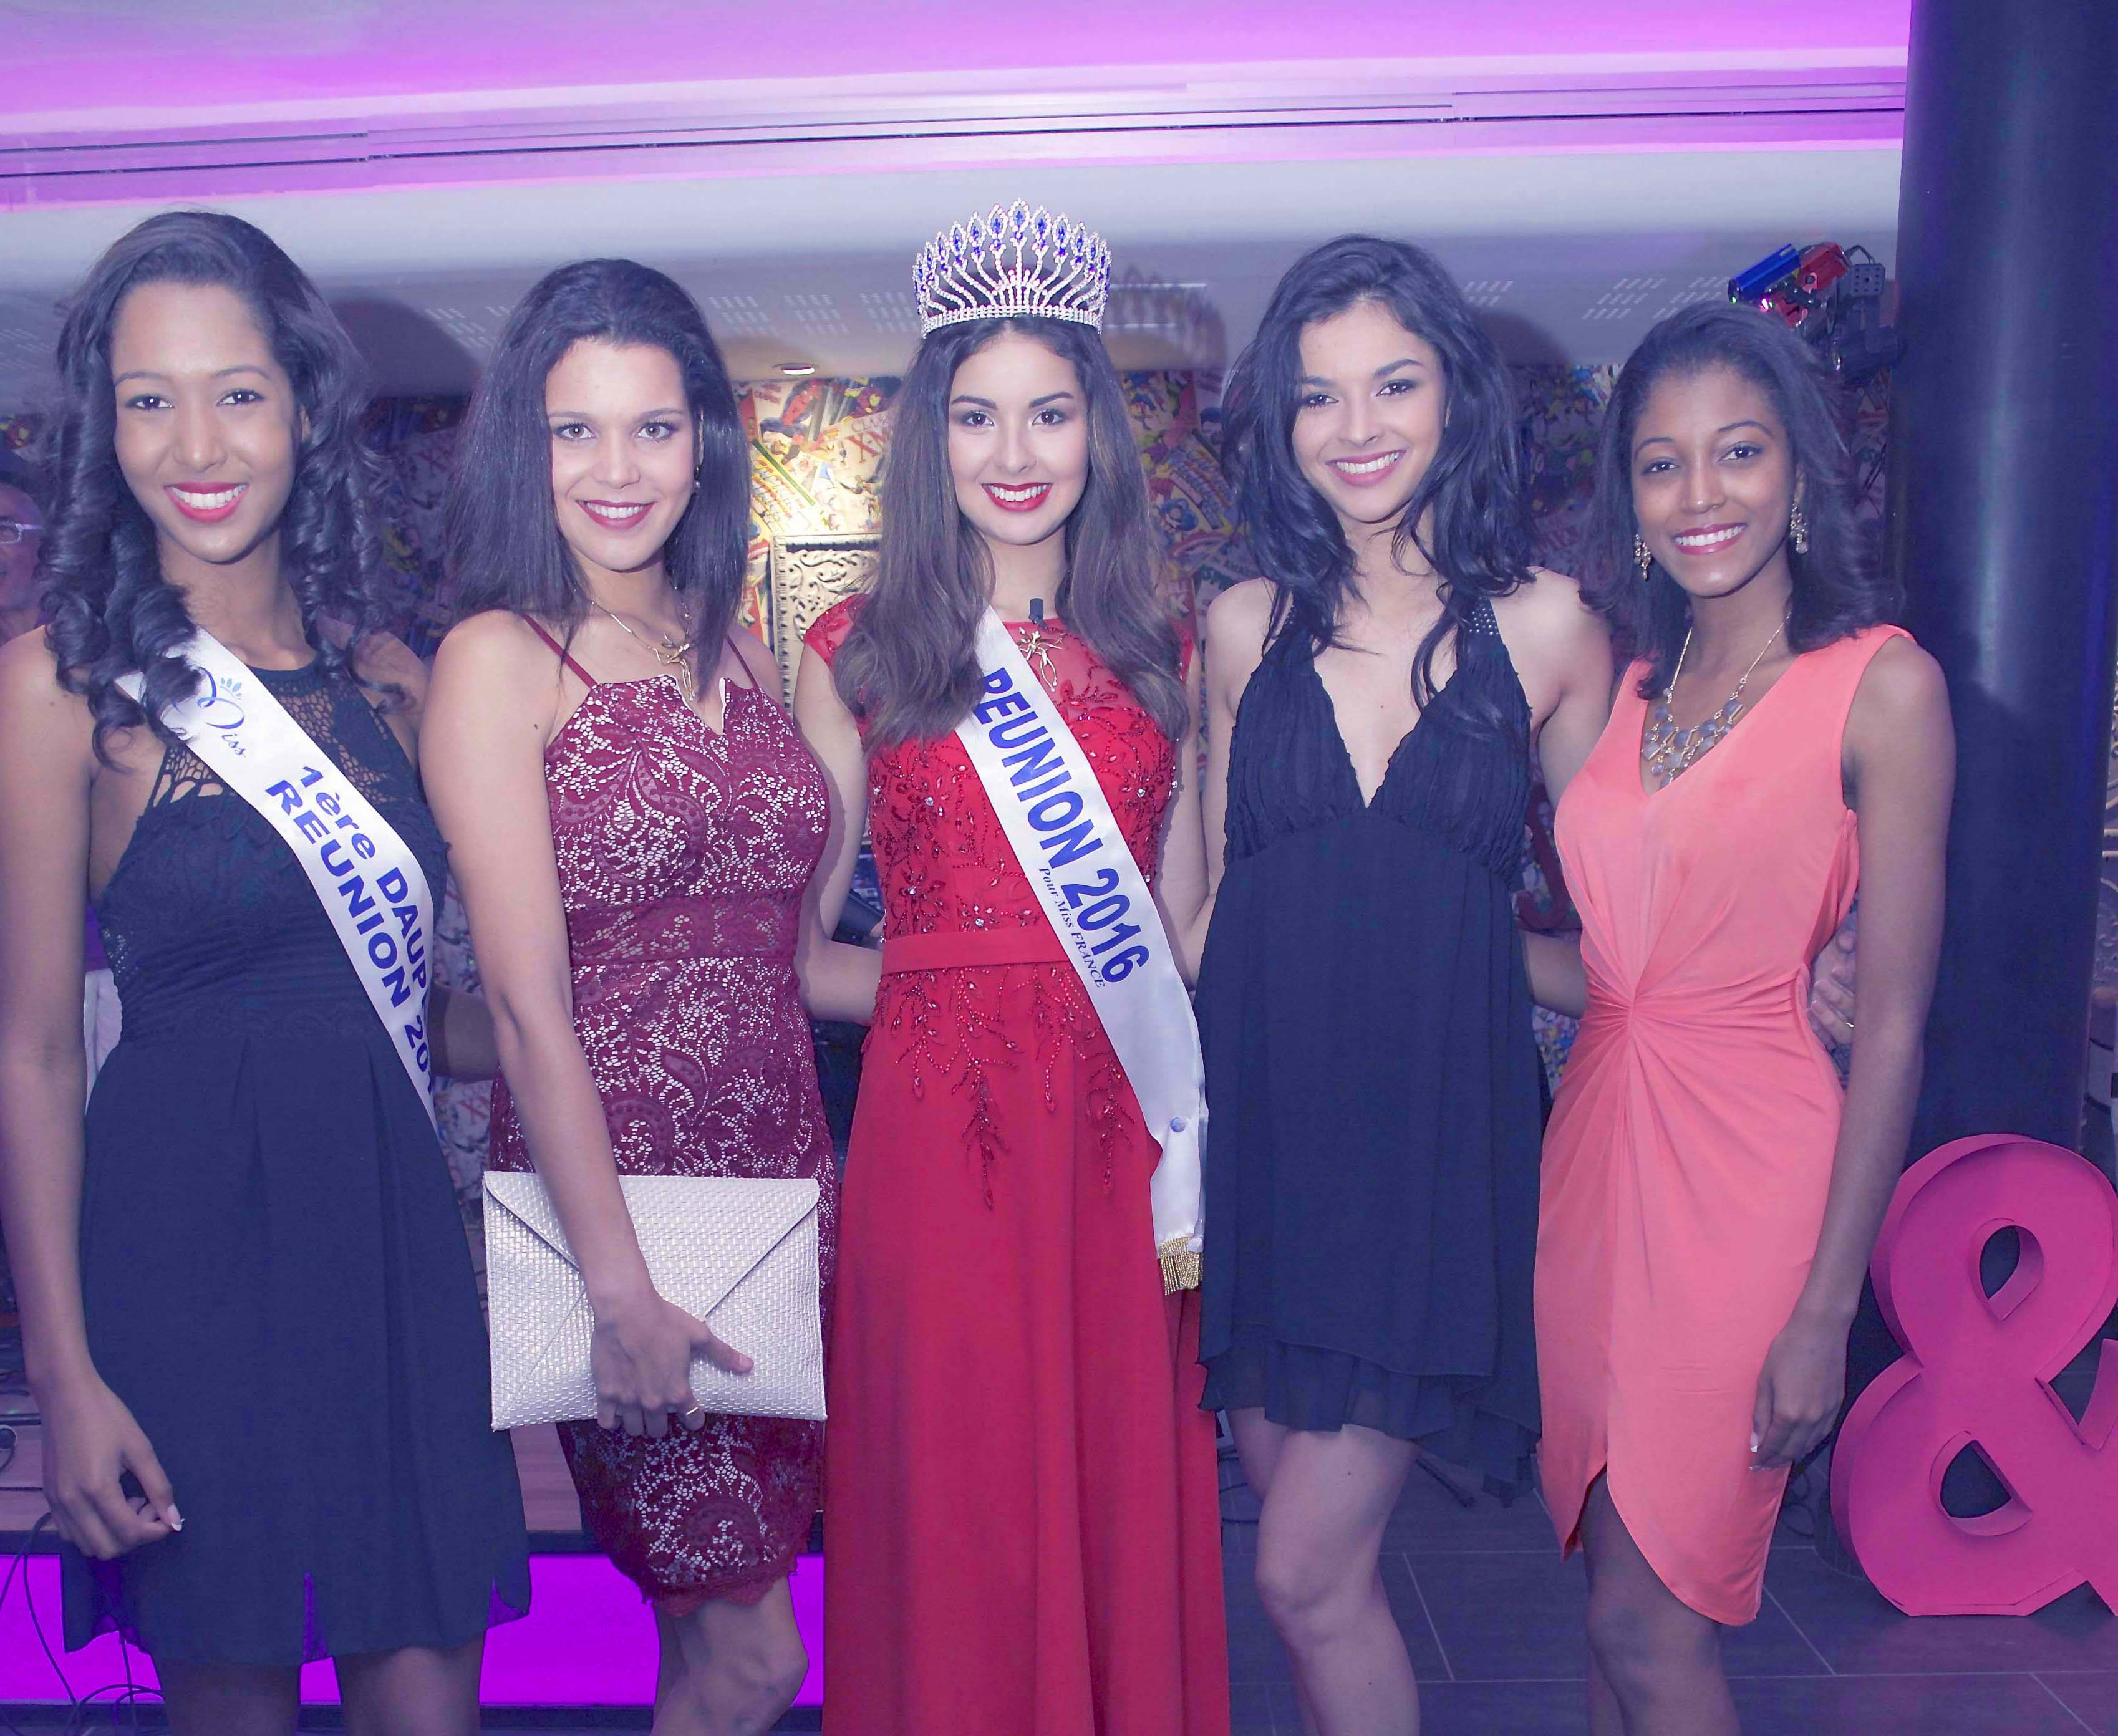 Raïssa Cadarsi, Vanille M'Doihoma, Ambre N'guyen, Azuima Issa, et Flavie Annette